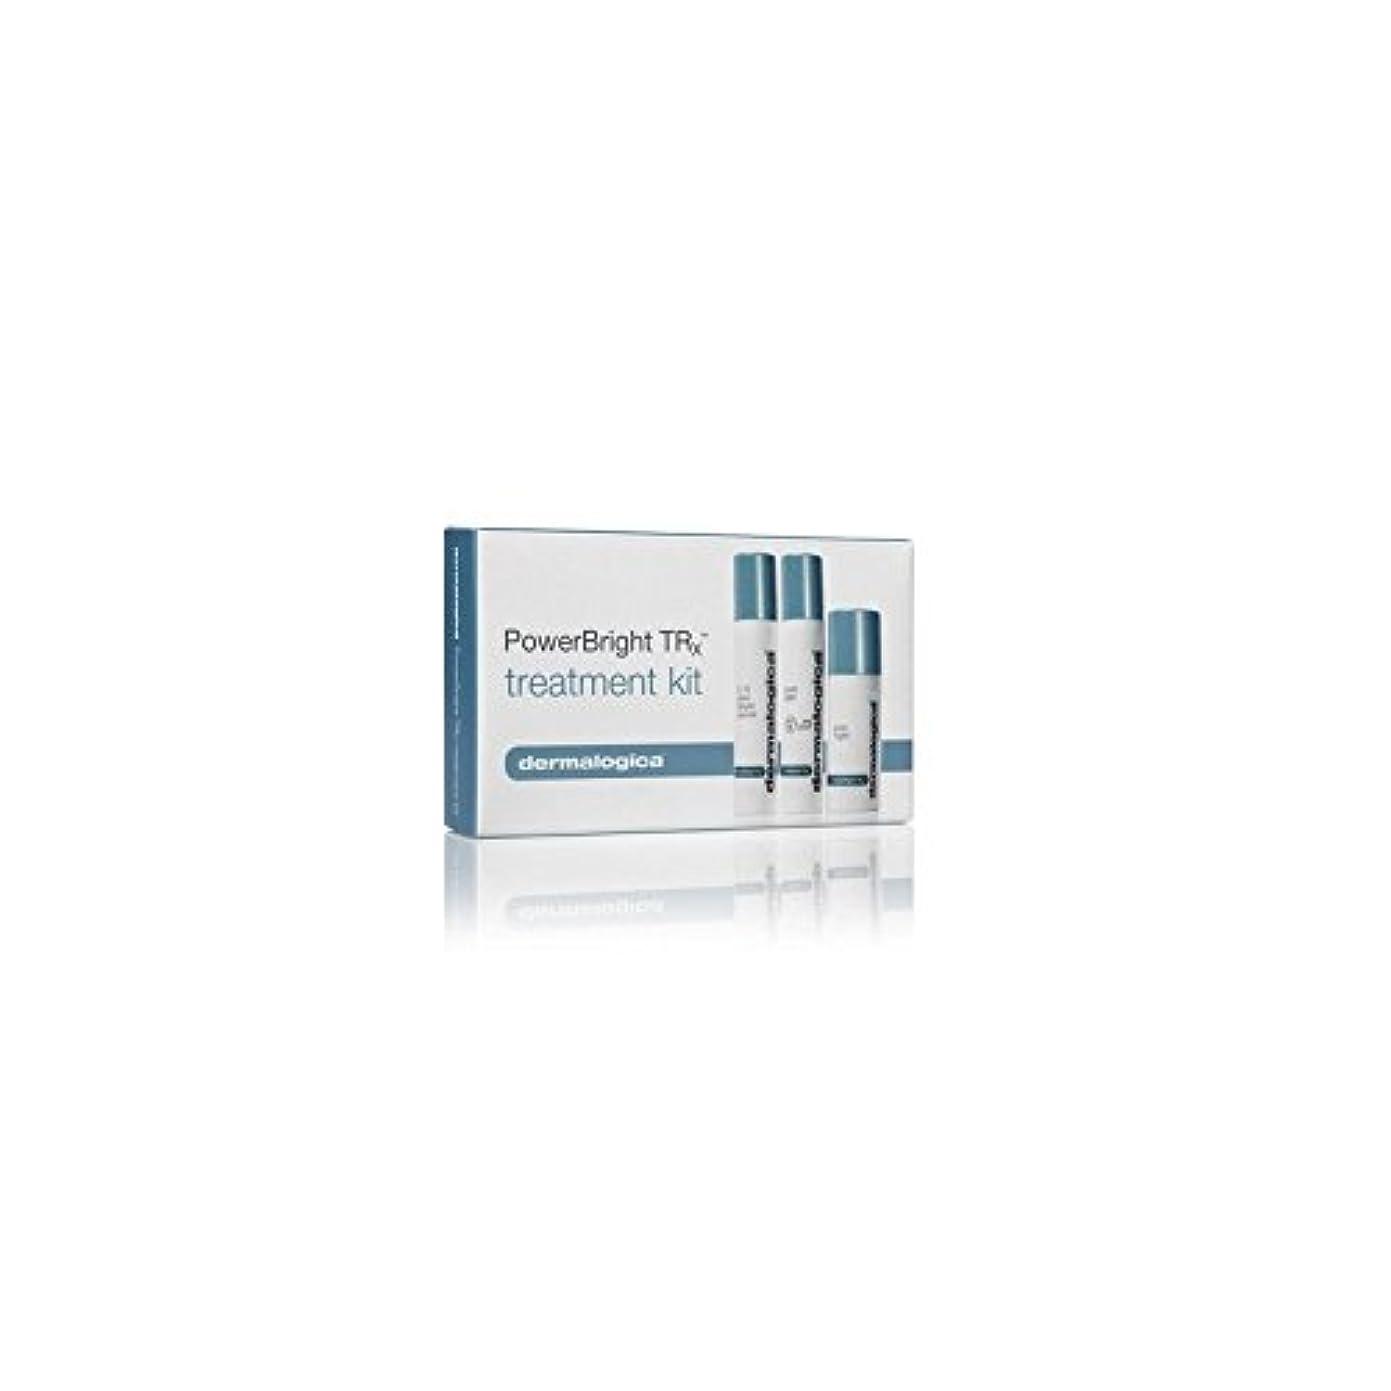 壊す好むスリップダーマロジカの治療用キット x4 - Dermalogica Powerbright Trx Treatment Kit (Pack of 4) [並行輸入品]